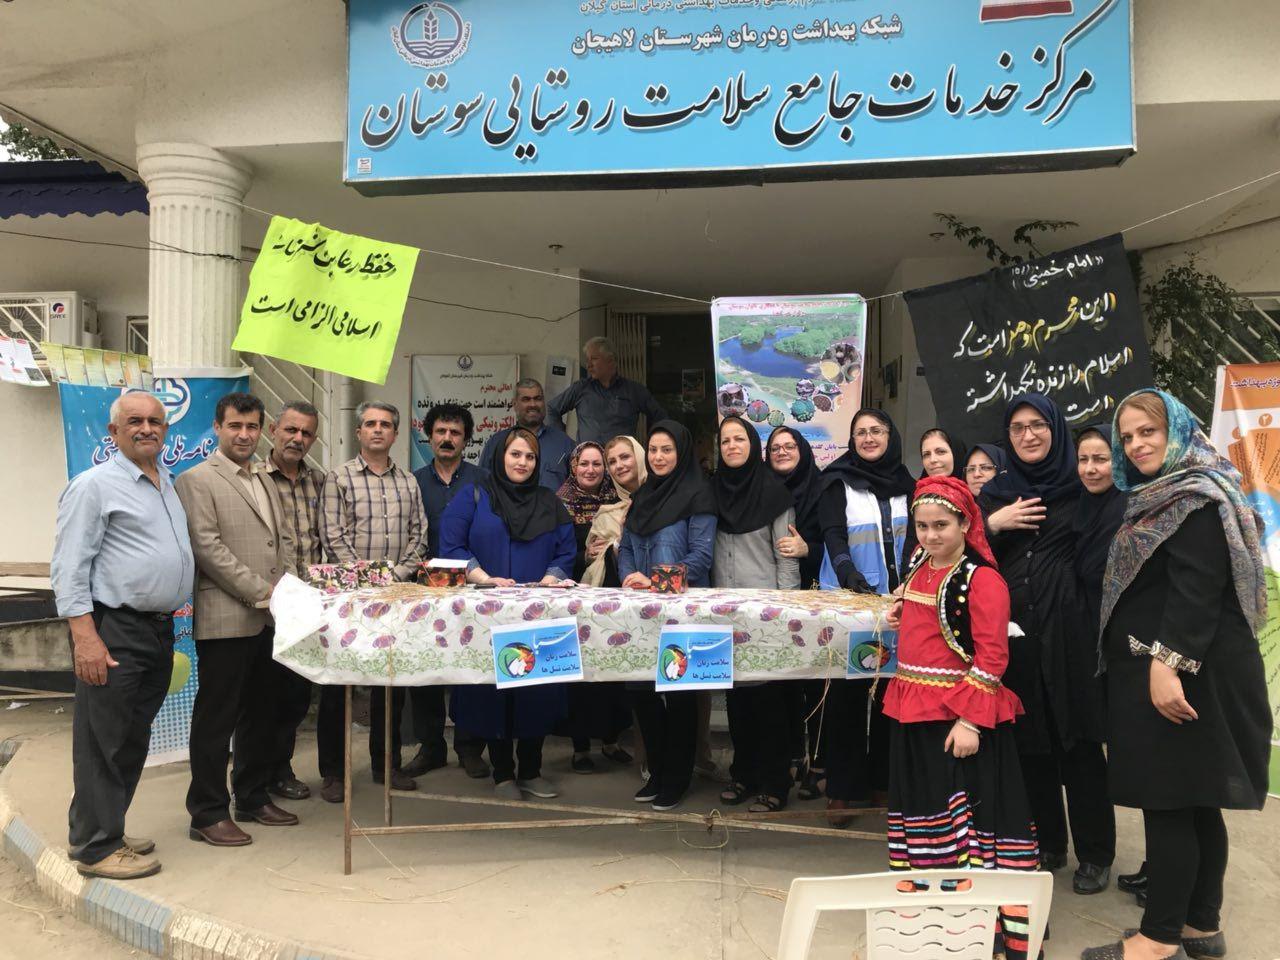 اولین مهرواره ی غذای سالم به مناسبت پایان گلدهی لاله های آبی تالاب سوستان و برداشت برنج در مرکز خدمات جامع سلامت روستای سوستان برگزار شد.